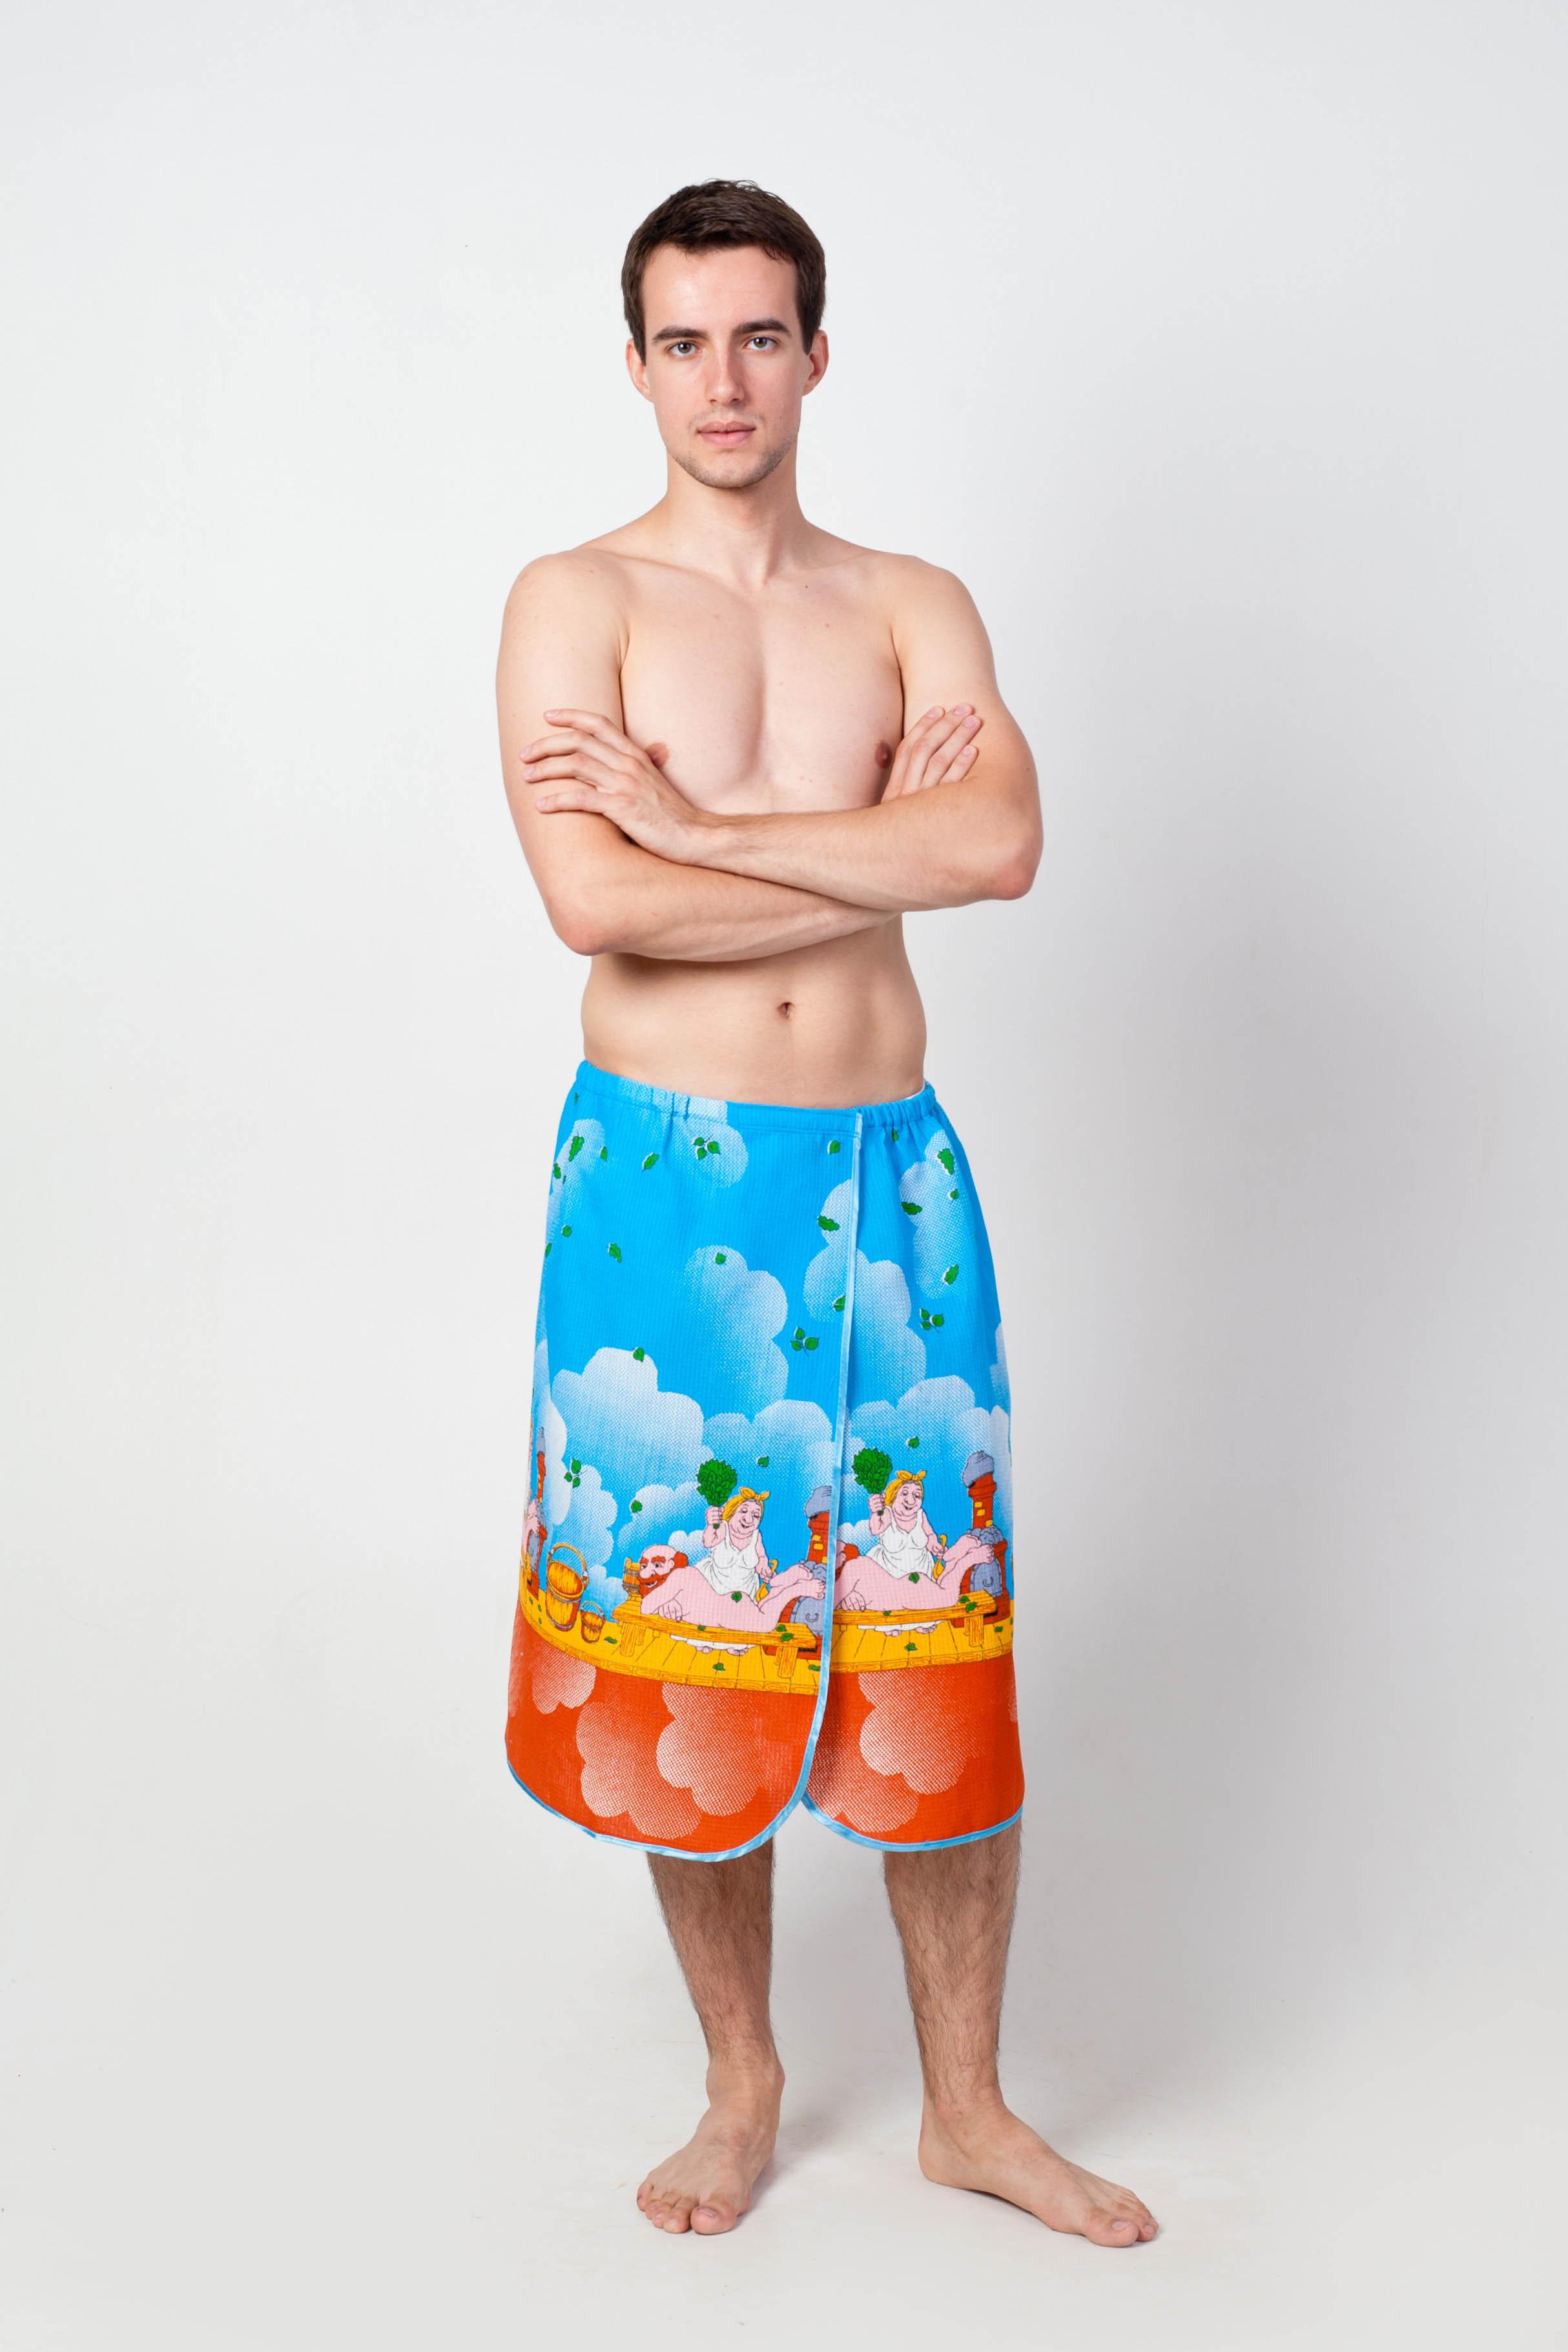 Полотенце-накидка мужское Море на липучке вафельноеНаборы для сауны<br><br><br>Размер: 42